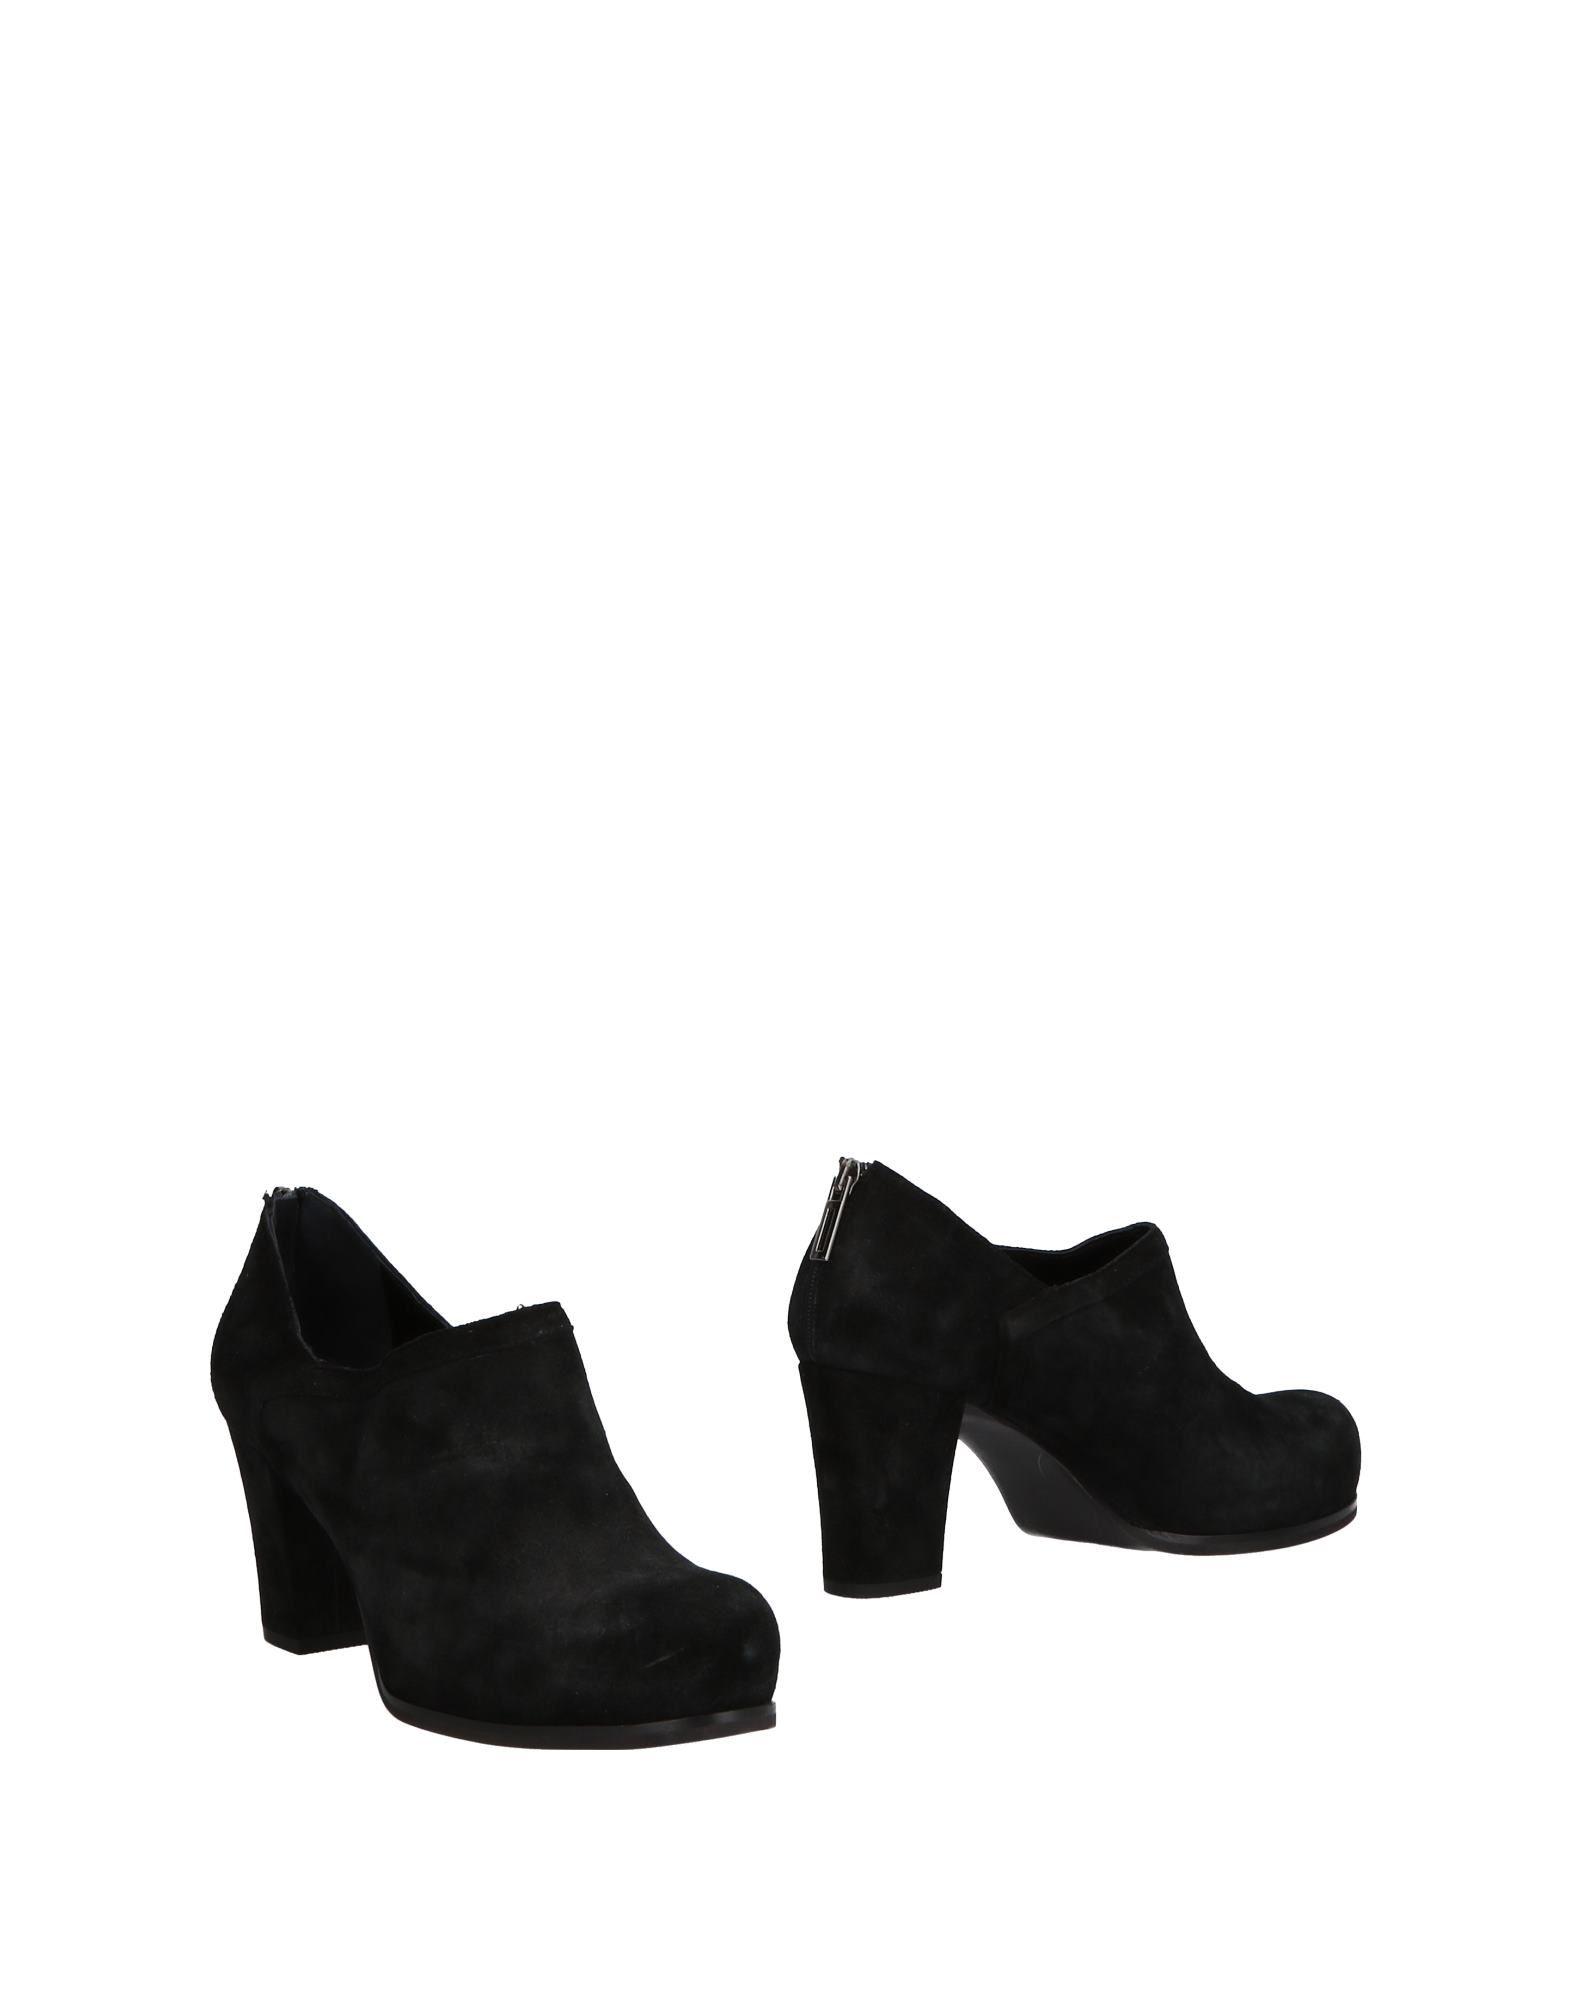 Emanuela Passeri Stiefelette Damen  11481439OK Gute Qualität beliebte Schuhe